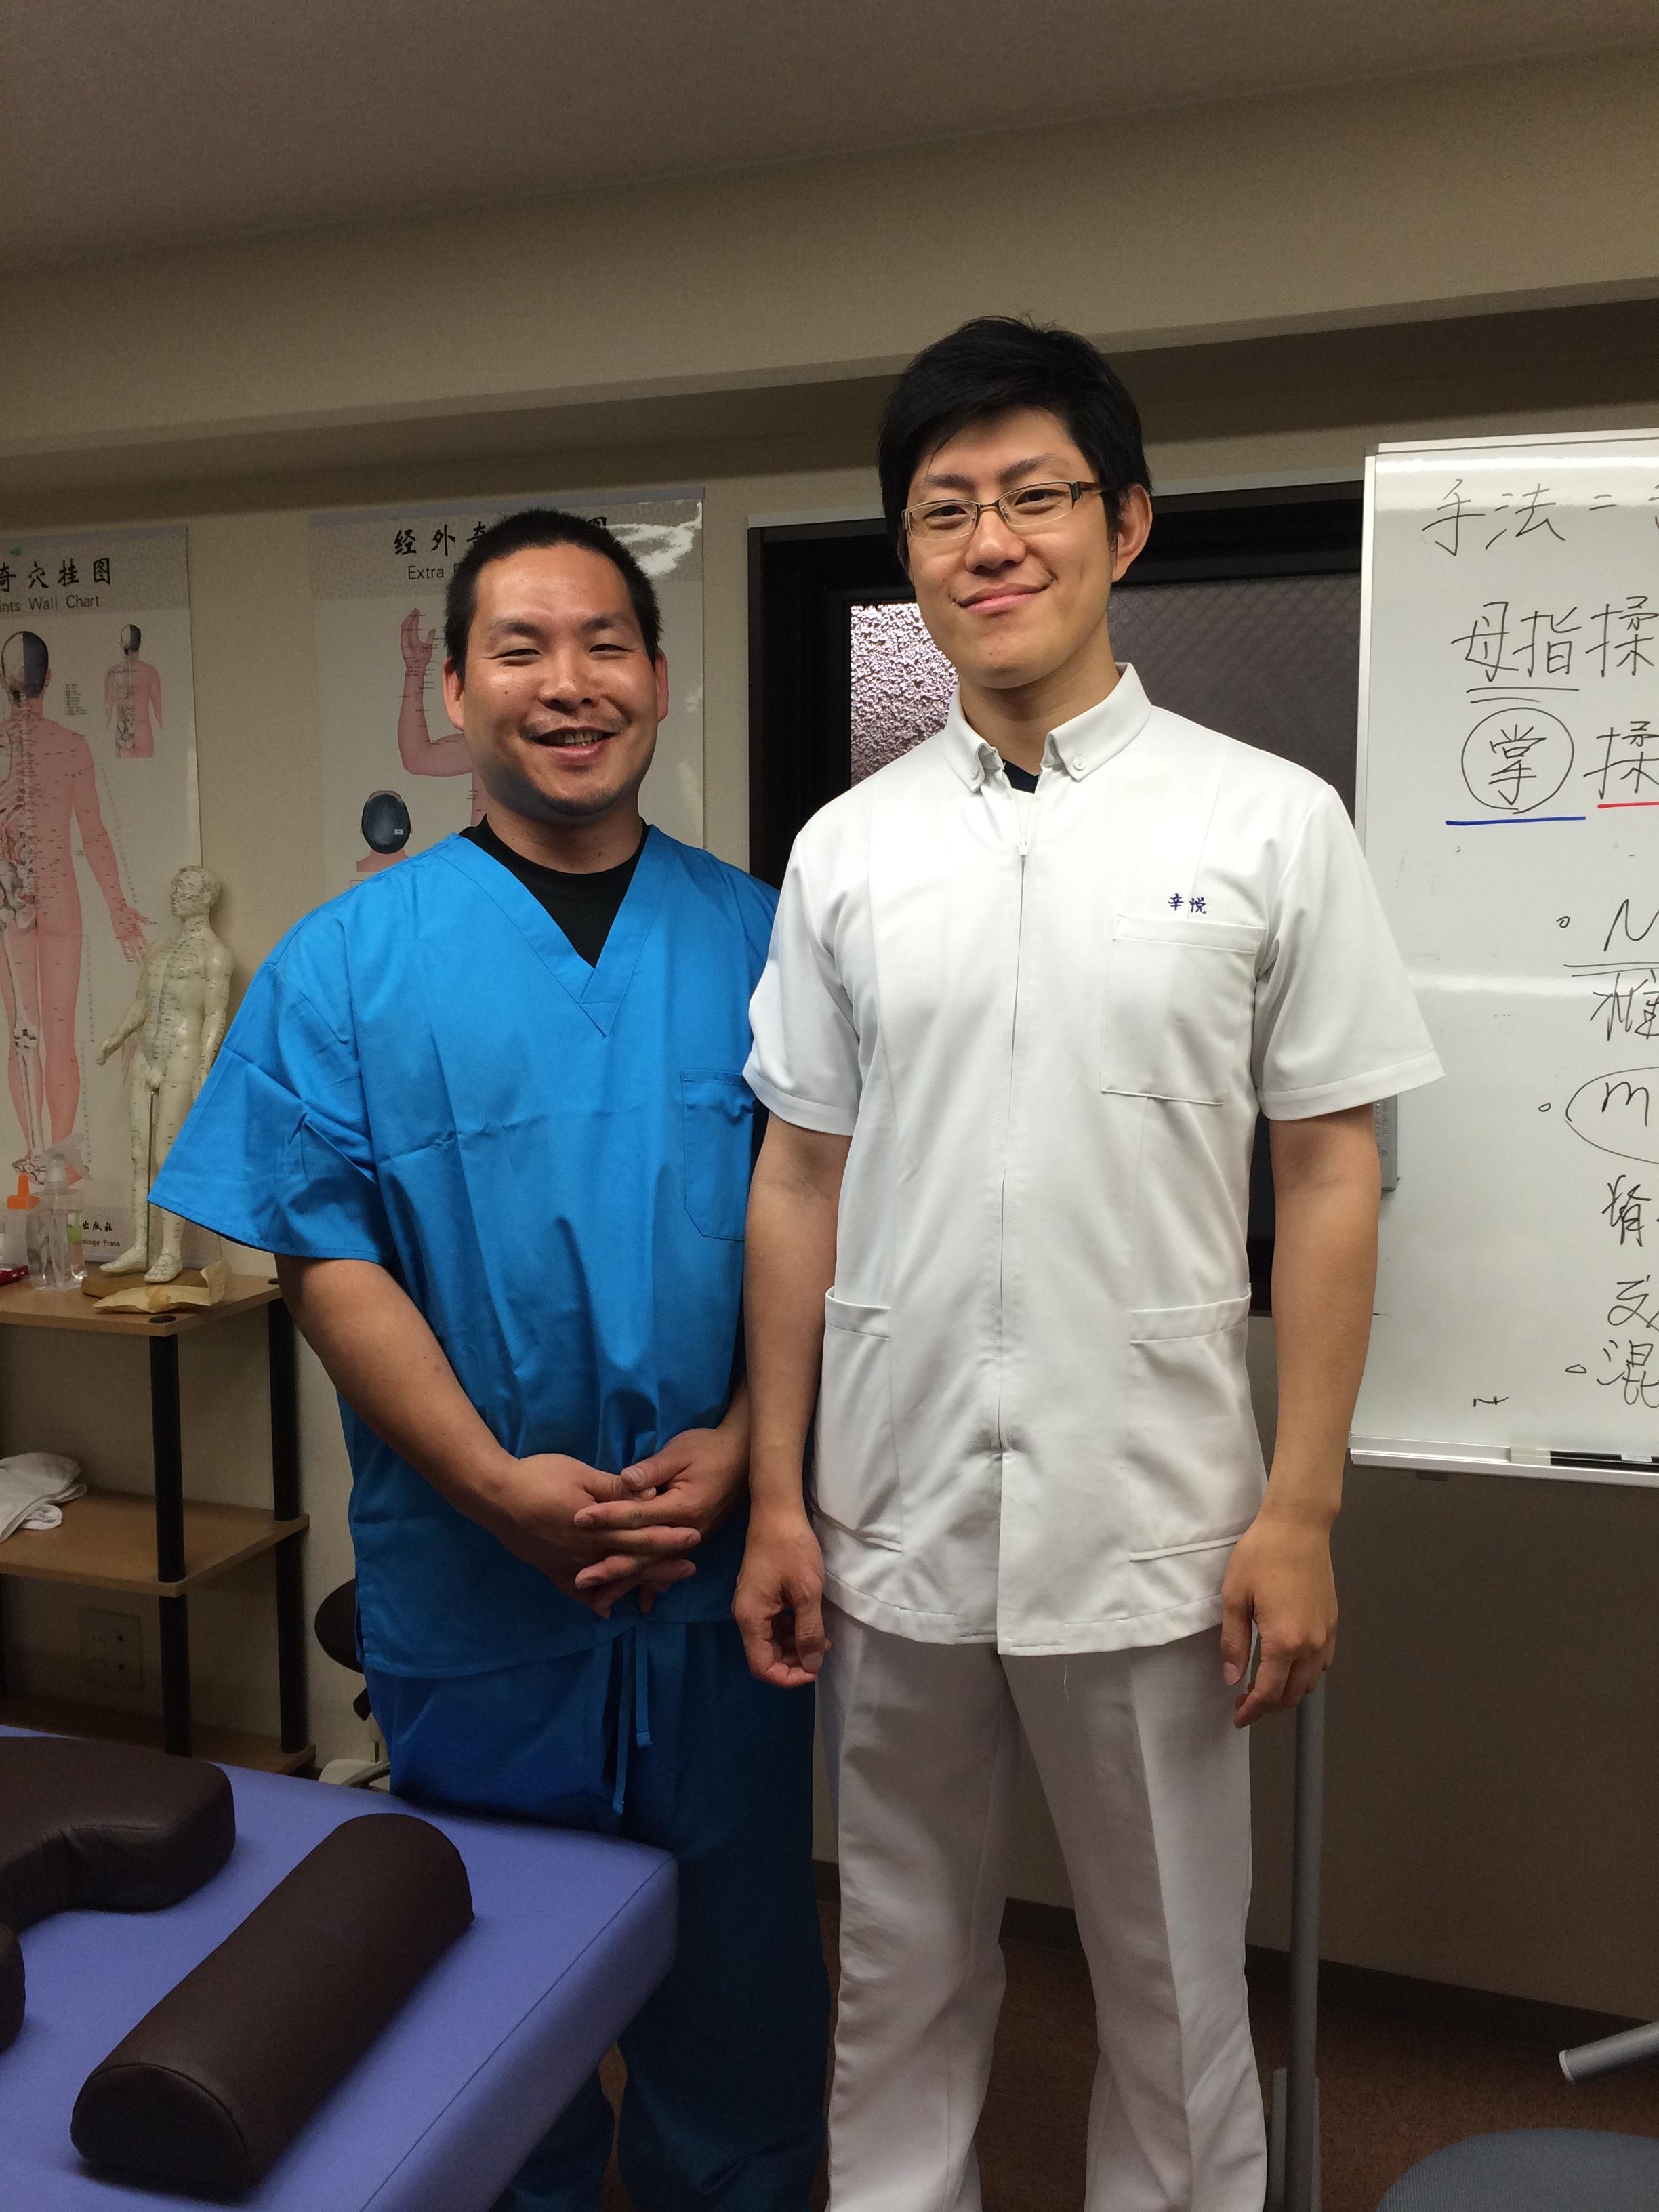 梅田の整体みどり推拿整体院の師匠・辛悦推拿医師と私